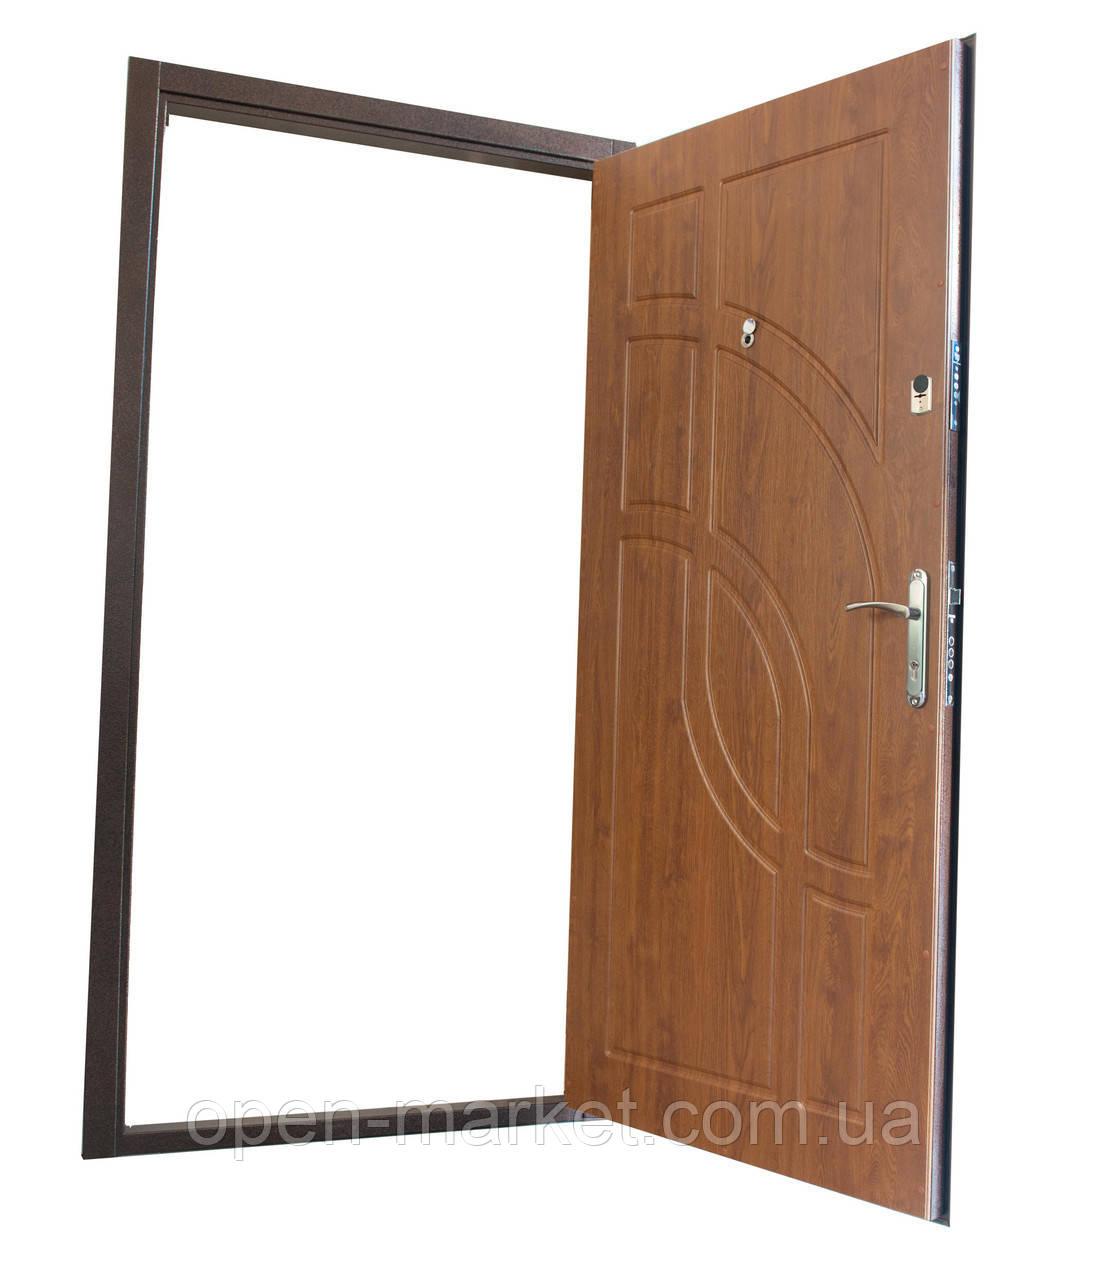 Двери уличные Посад-Покровское Херсонская область